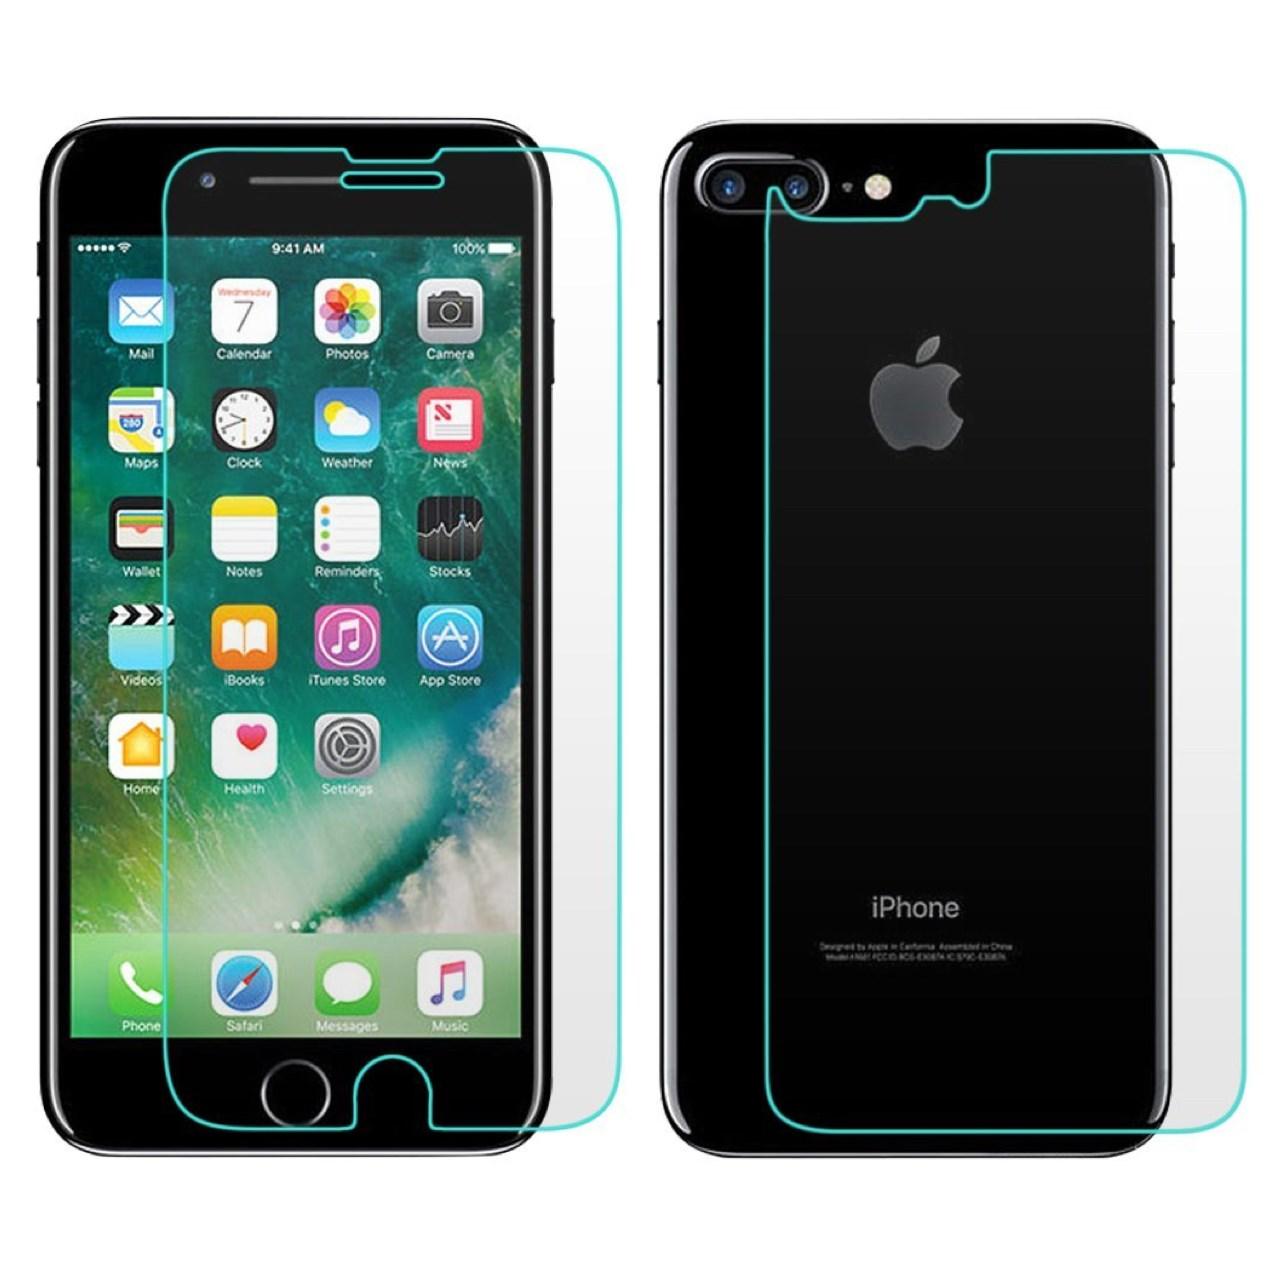 محافظ صفحه نمایش و پشت شیشه ای تمپرد مناسب برای گوشی موبایل اپل آیفون 7 پلاس